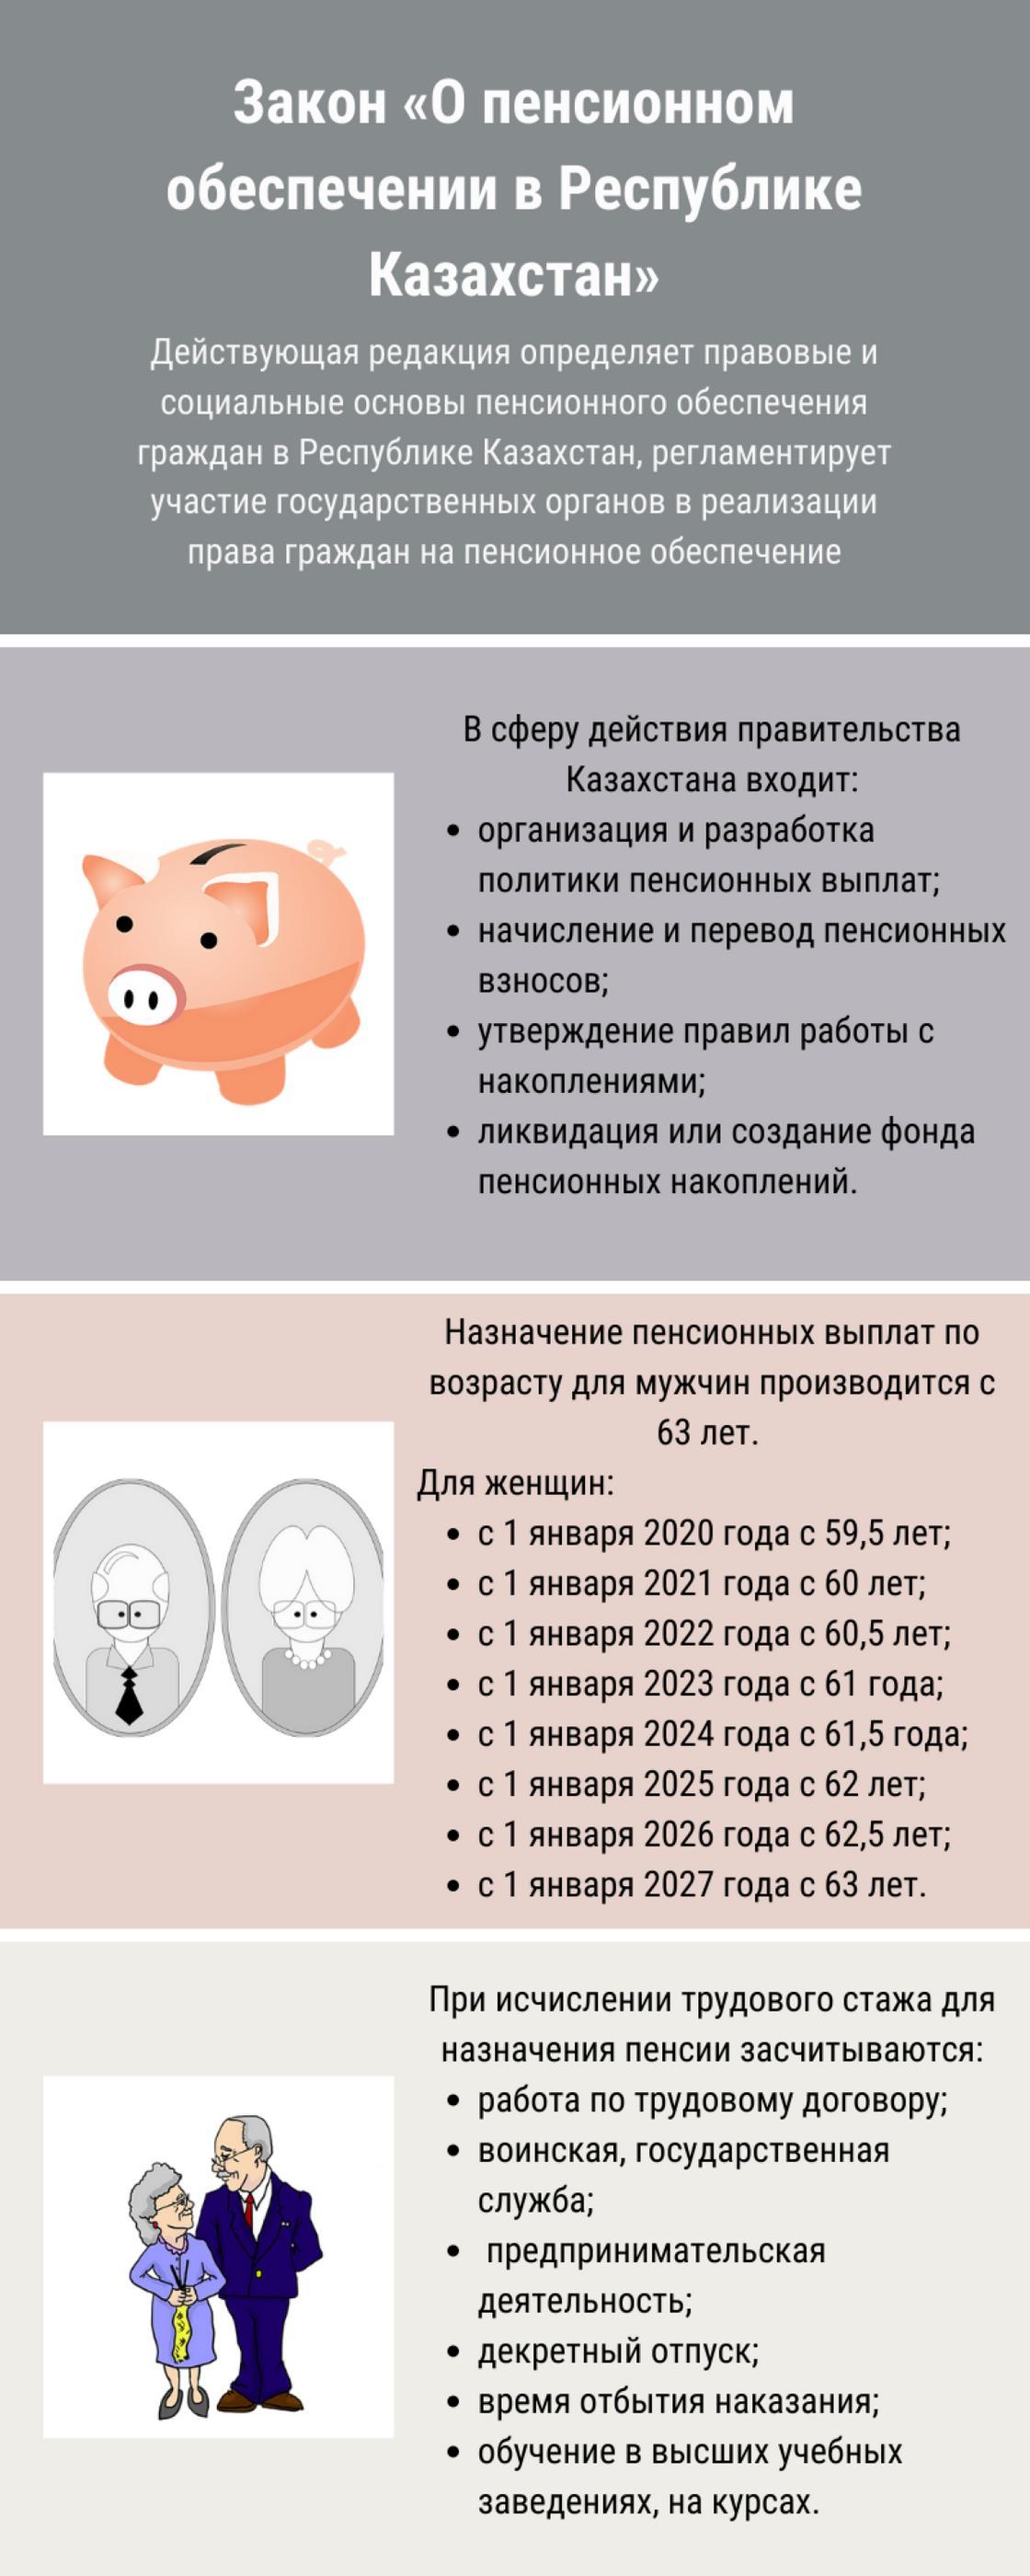 «О пенсионном обеспечении в Республике Казахстан»: обзор закона